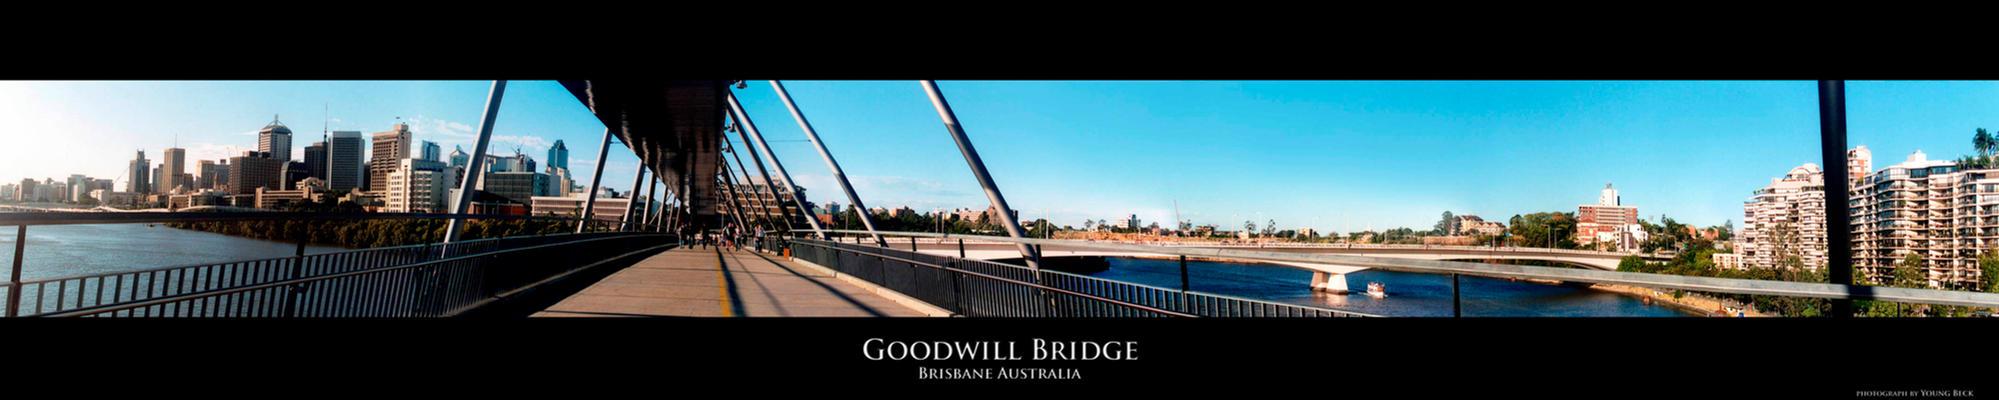 Goodwill Bridge by beck13